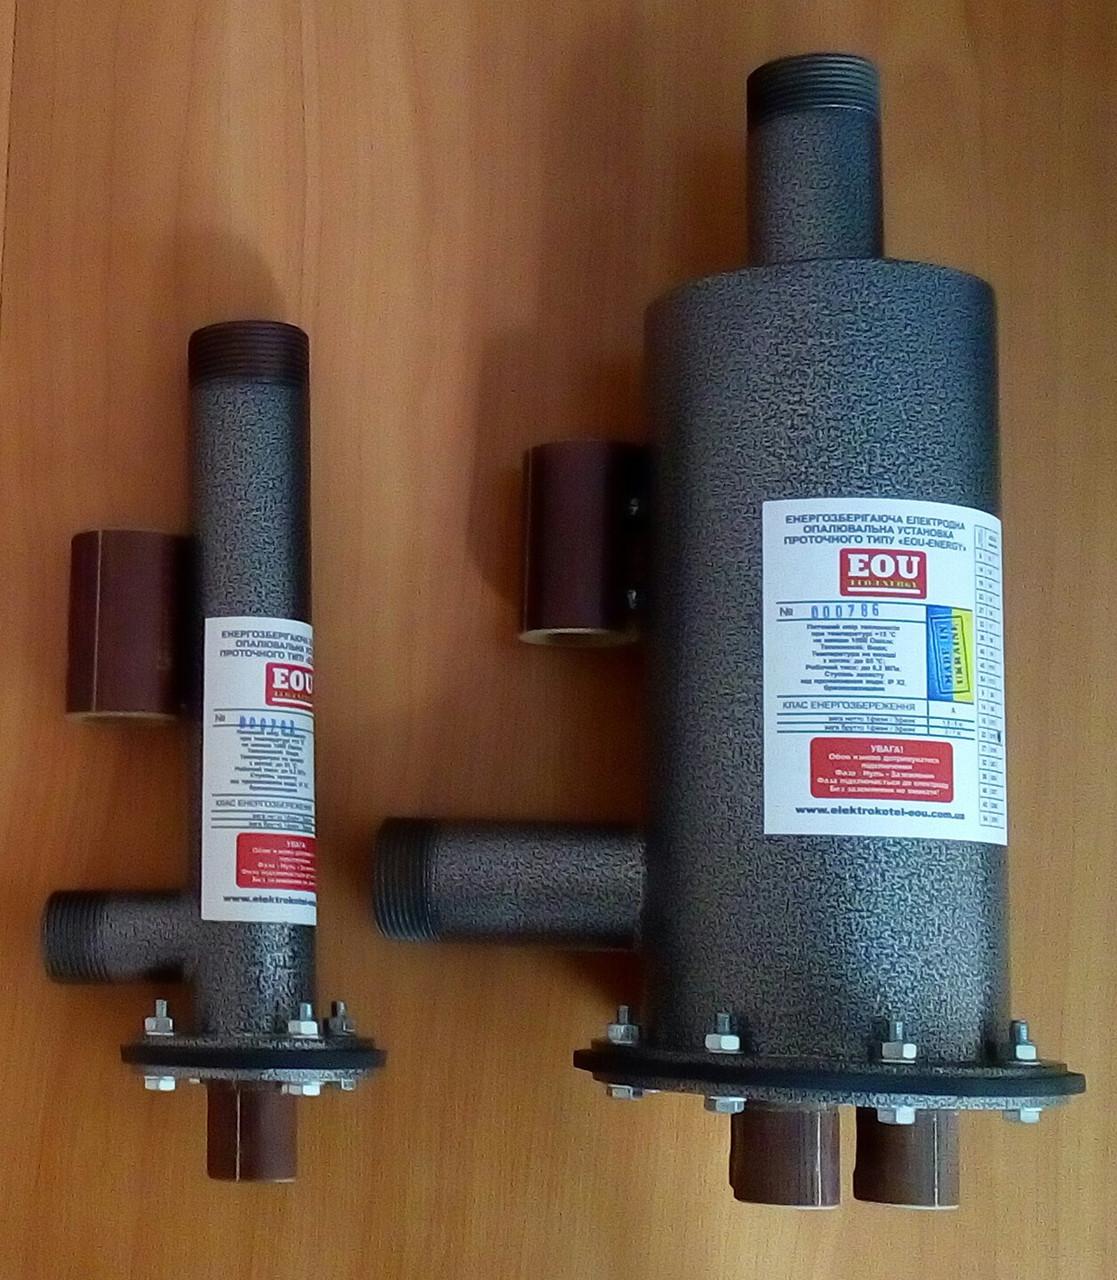 Теплообменник для электродного котла Кожухотрубный теплообменник Alfa Laval VLR3x33/104-6,0 Миасс